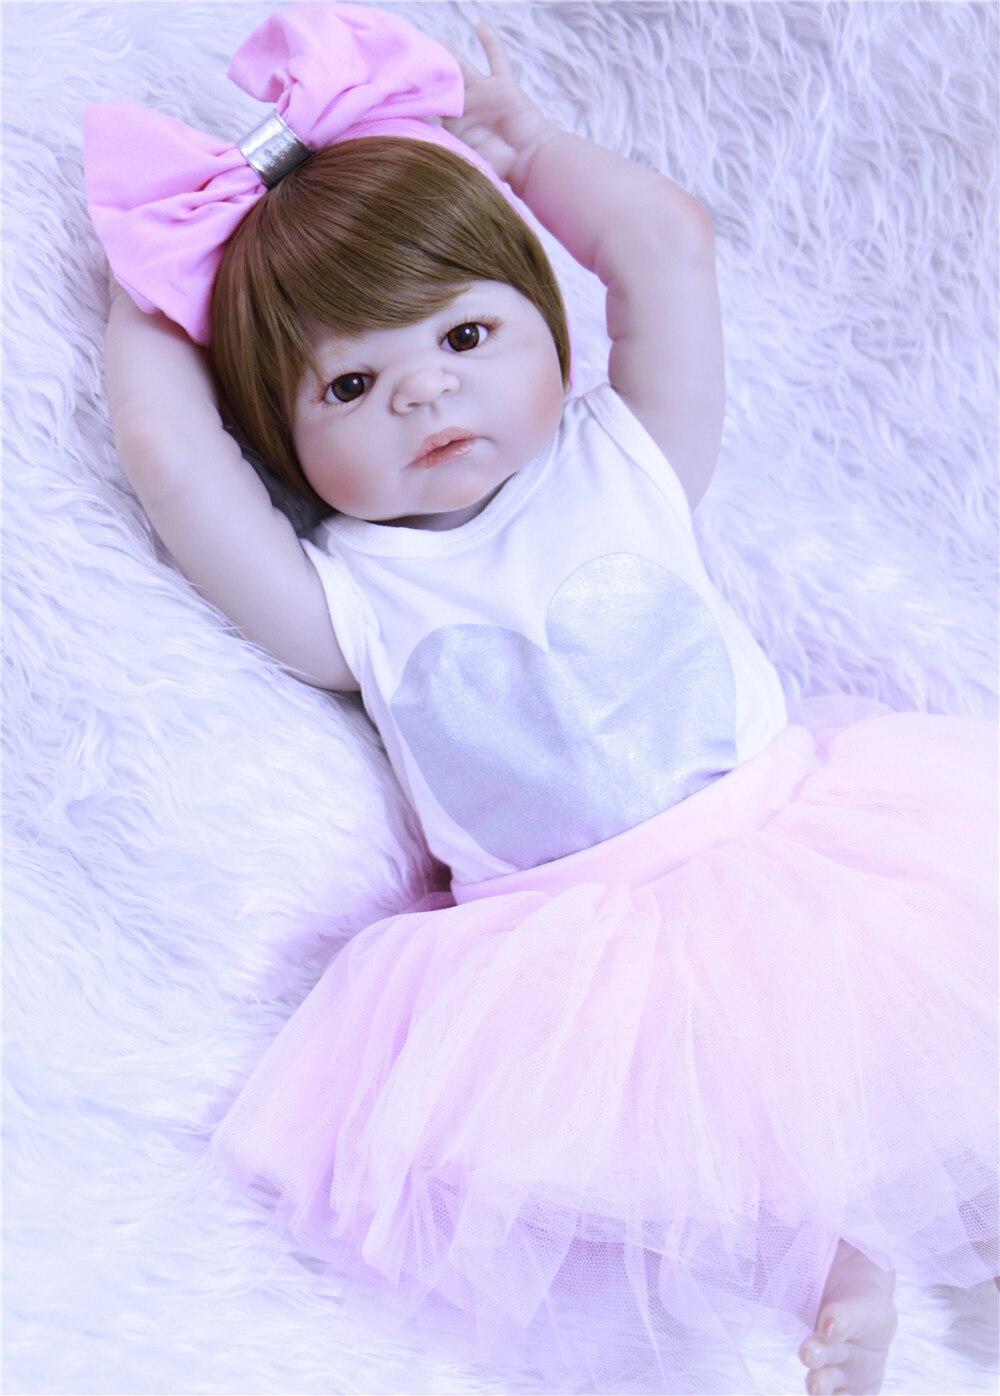 NPK faux bébé poupées en silicone reborn jouets pour enfants cadeau 23